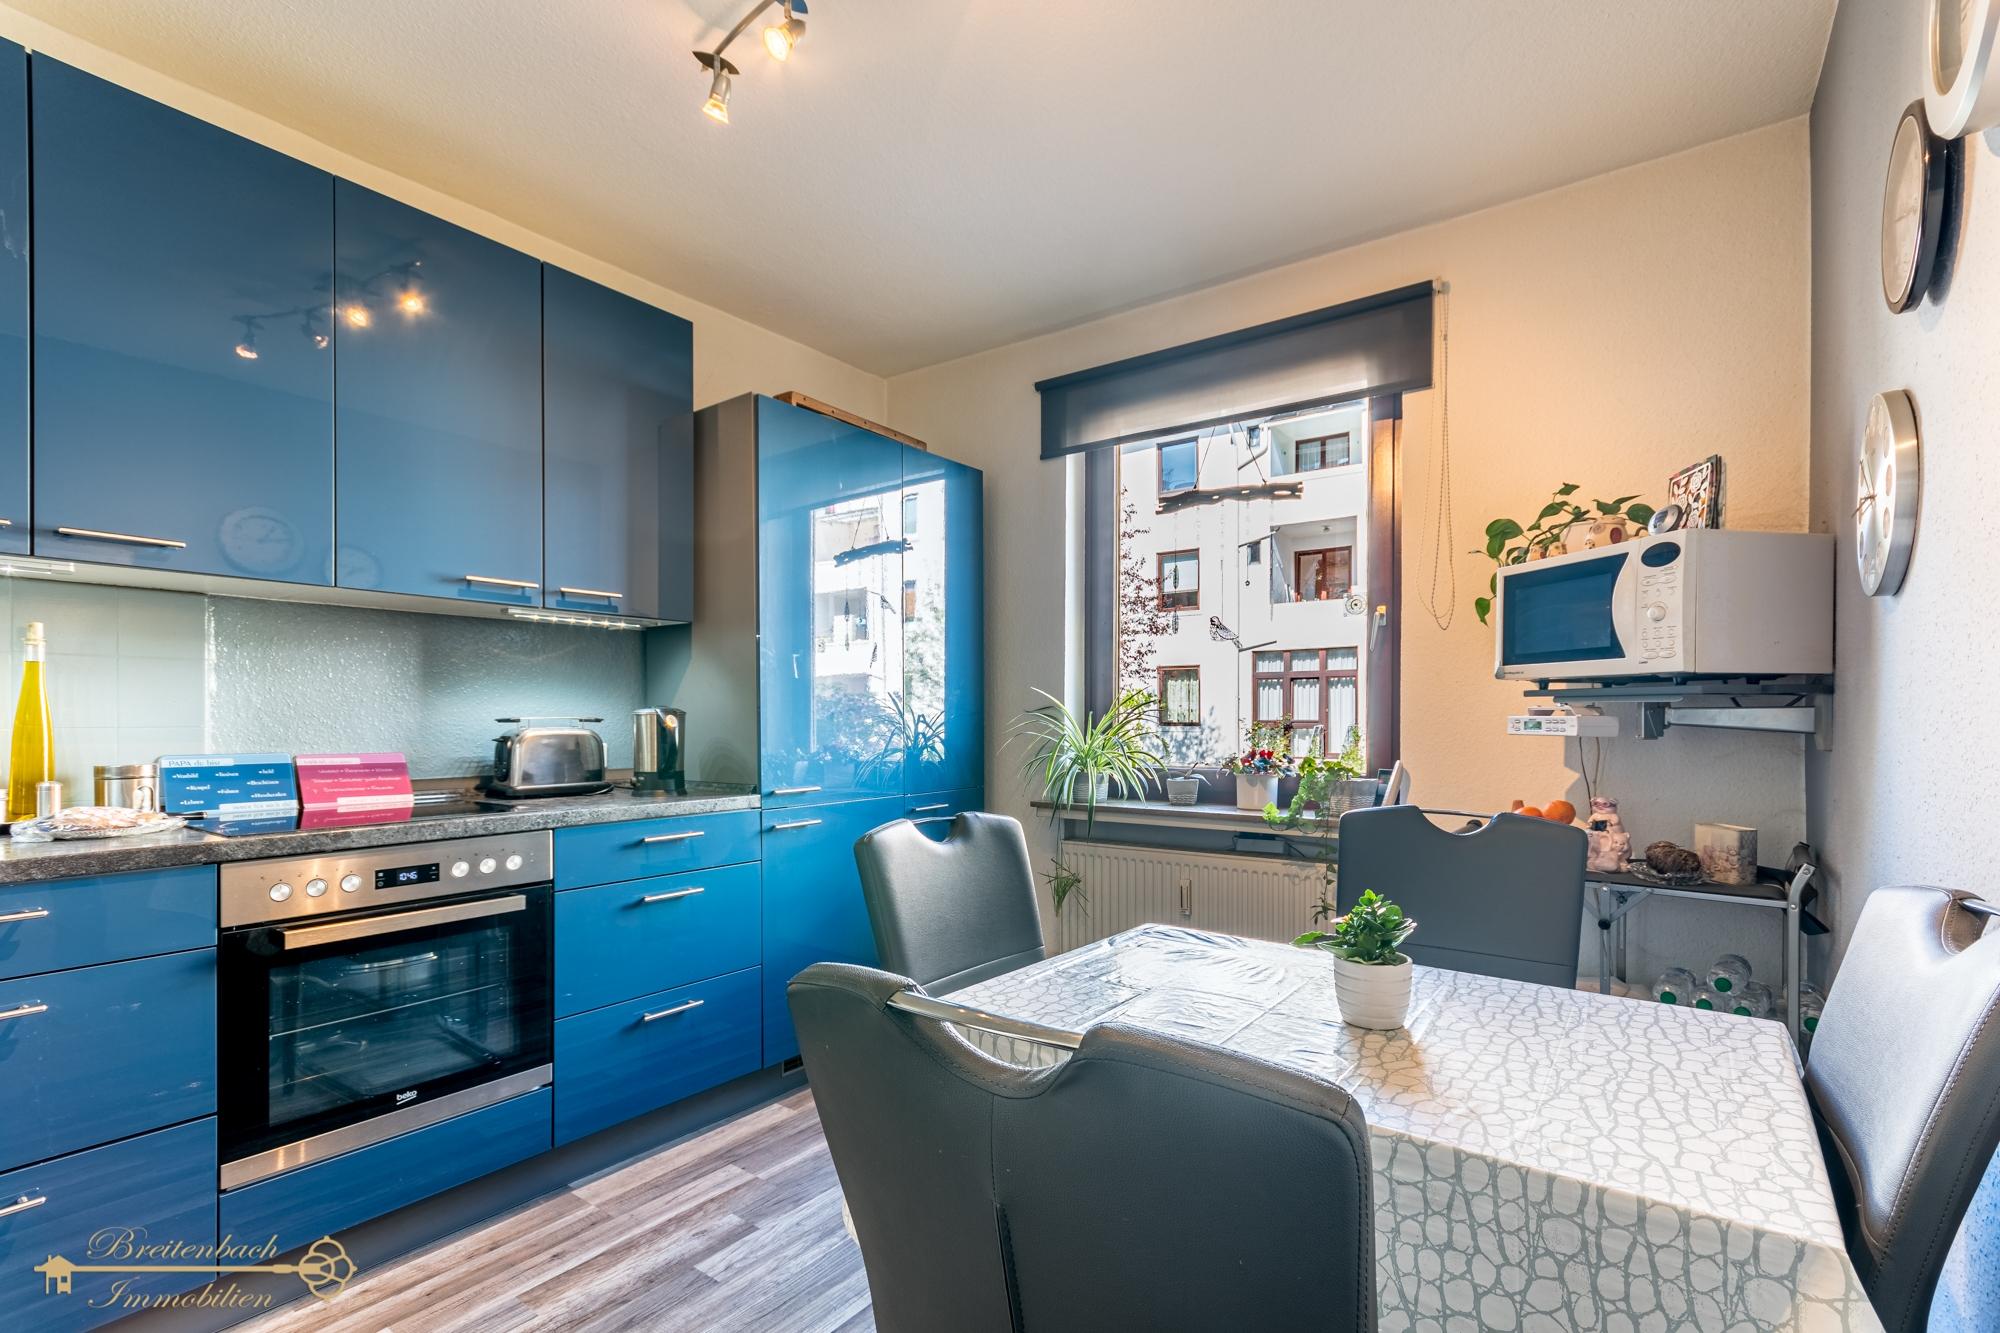 2020-04-18-Breitenbach-Immobilien-17